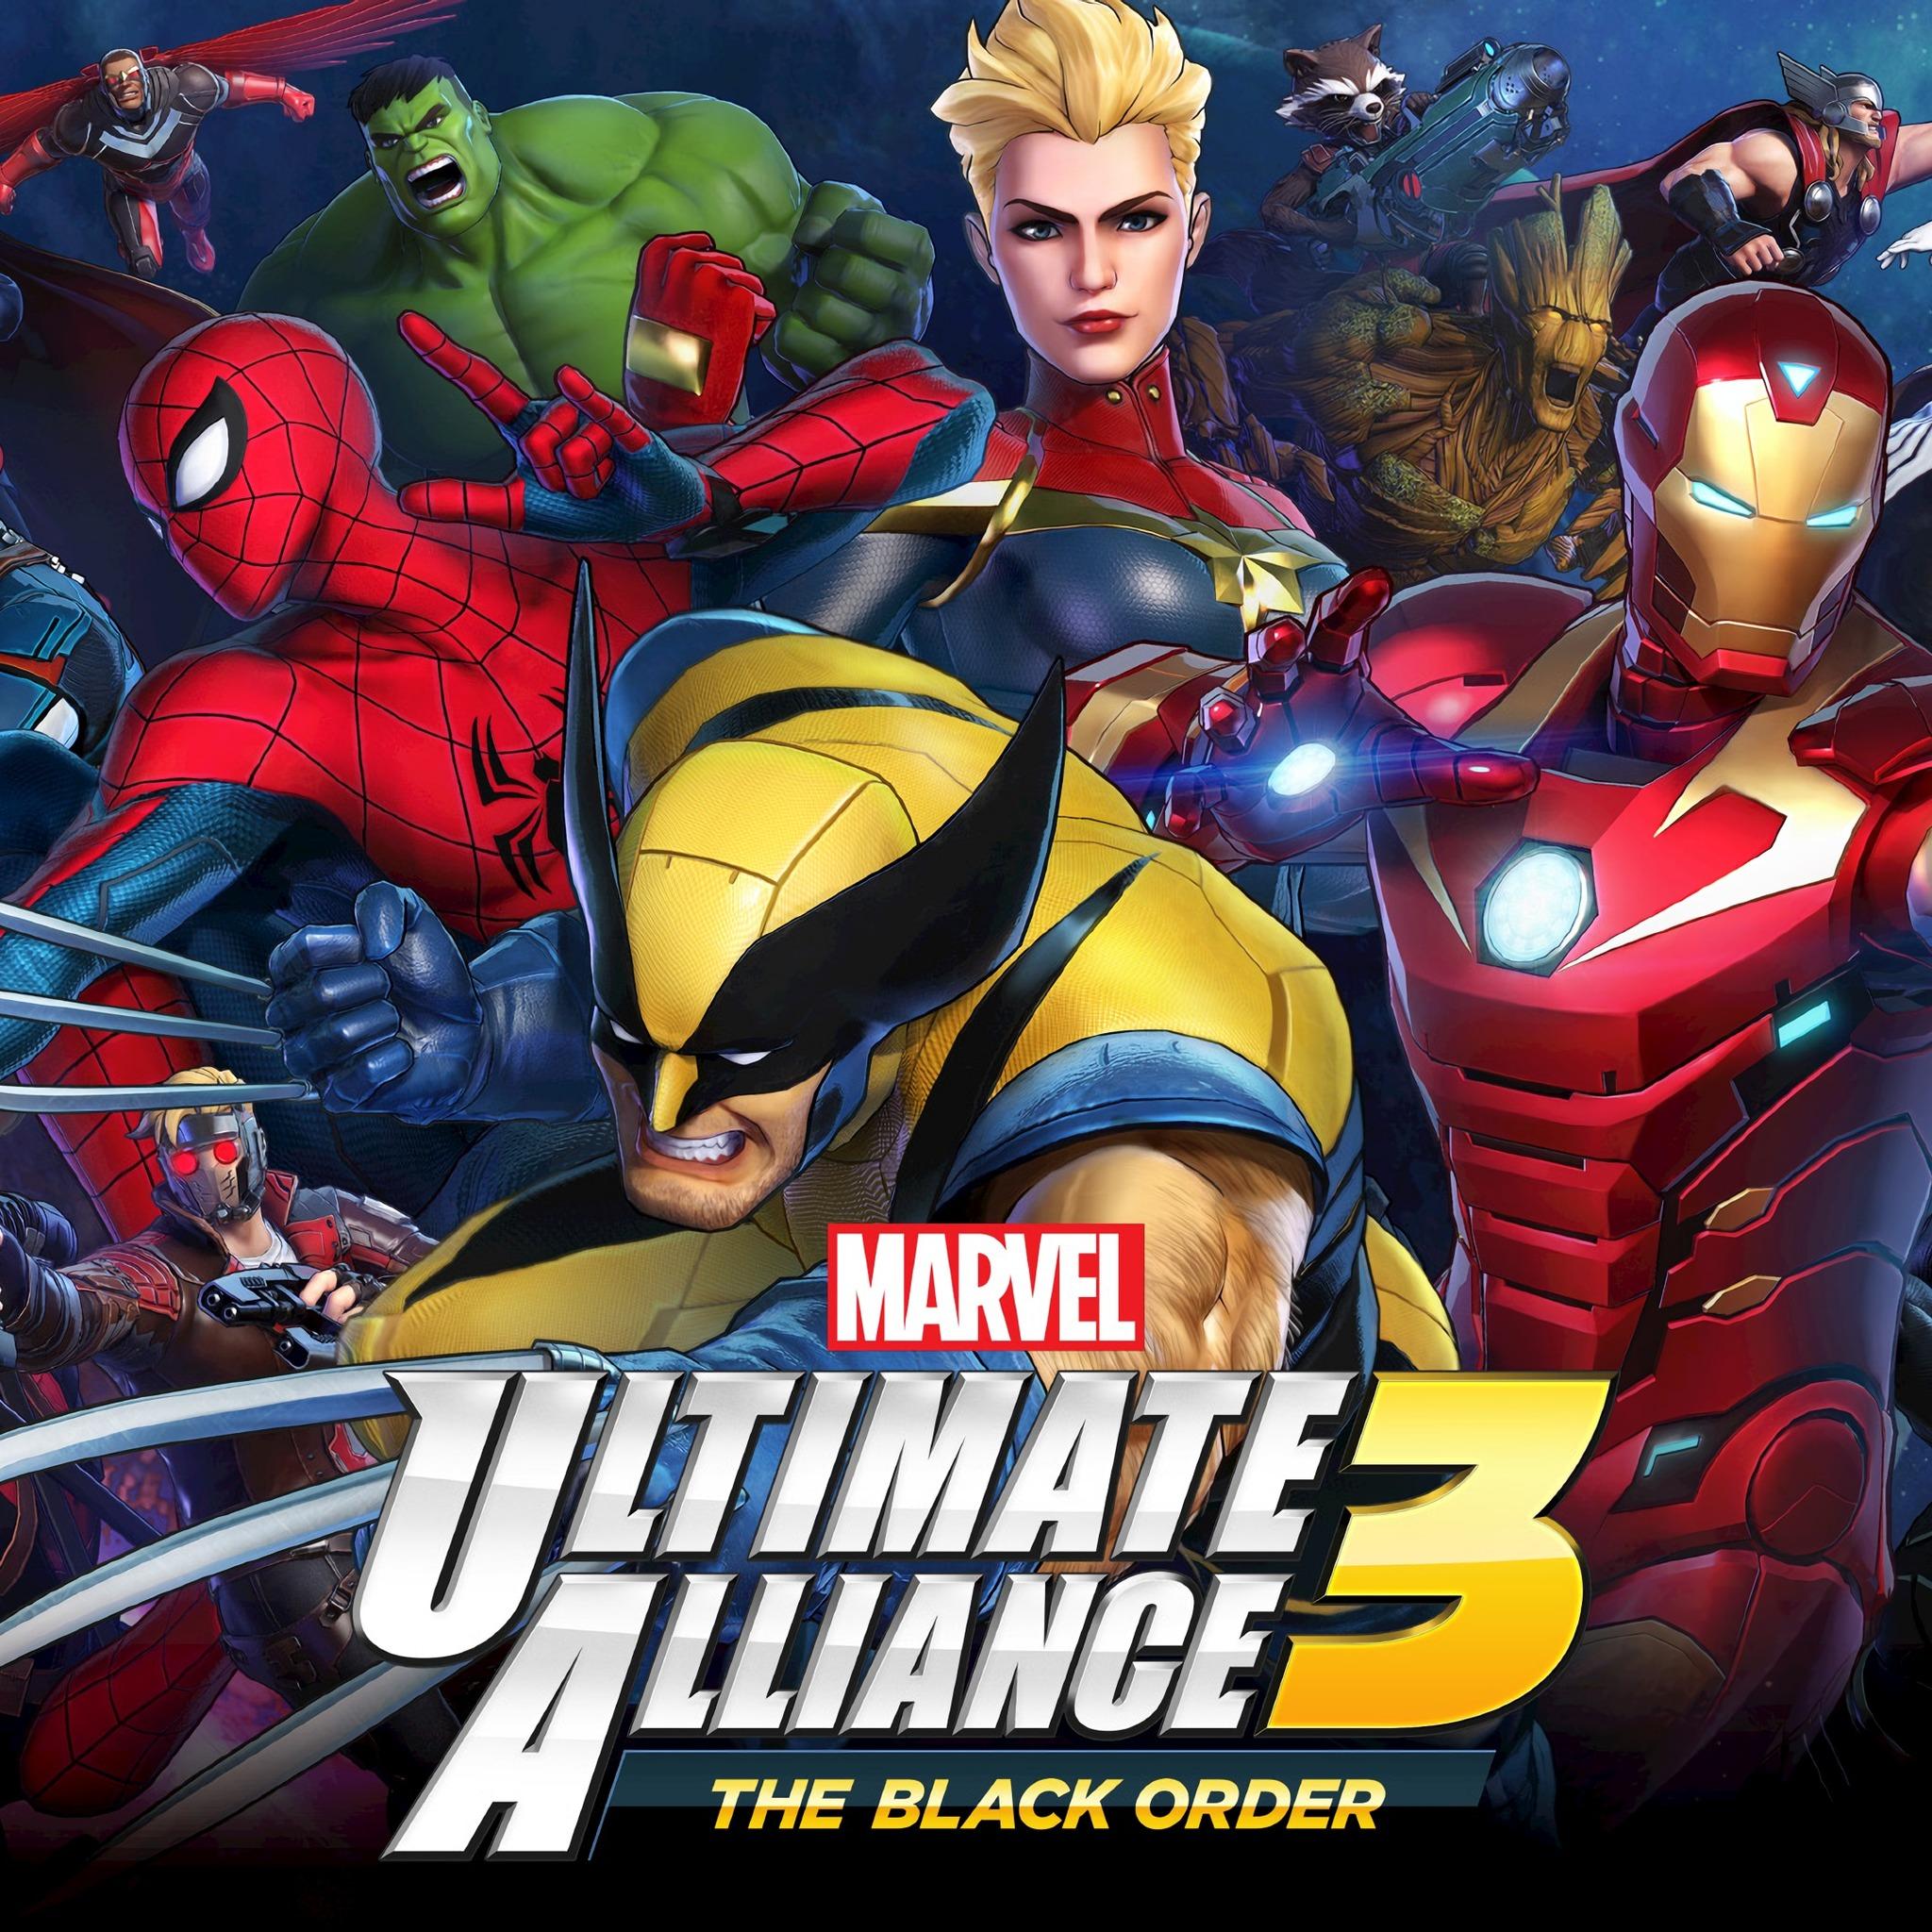 marvel-ultimate-alliance-3-2019-4k-p0.jpg